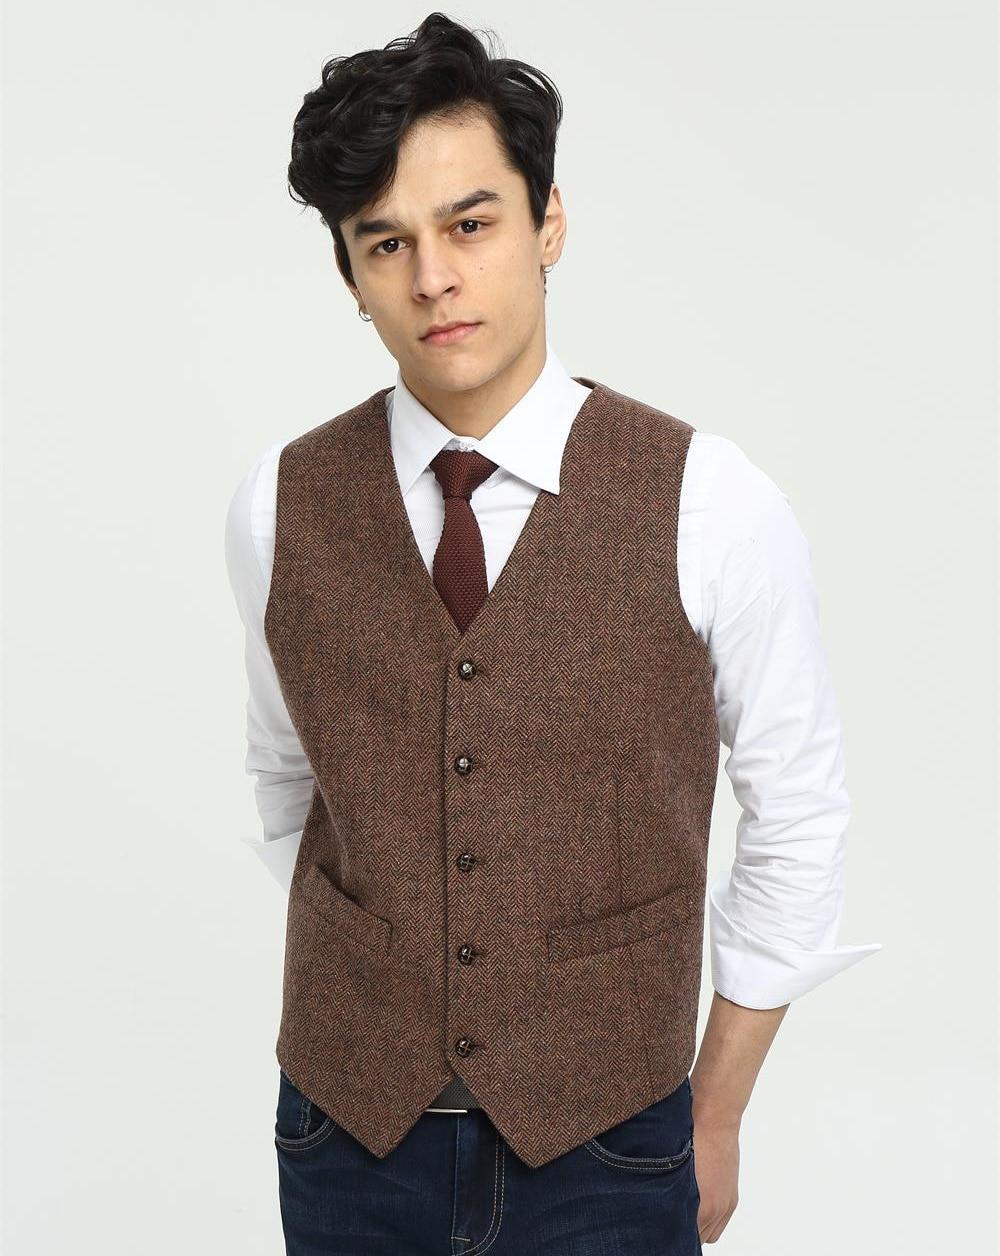 2018 Airtailors Brand Mens Vest Wedding Brown Wool Herringbone Tweed